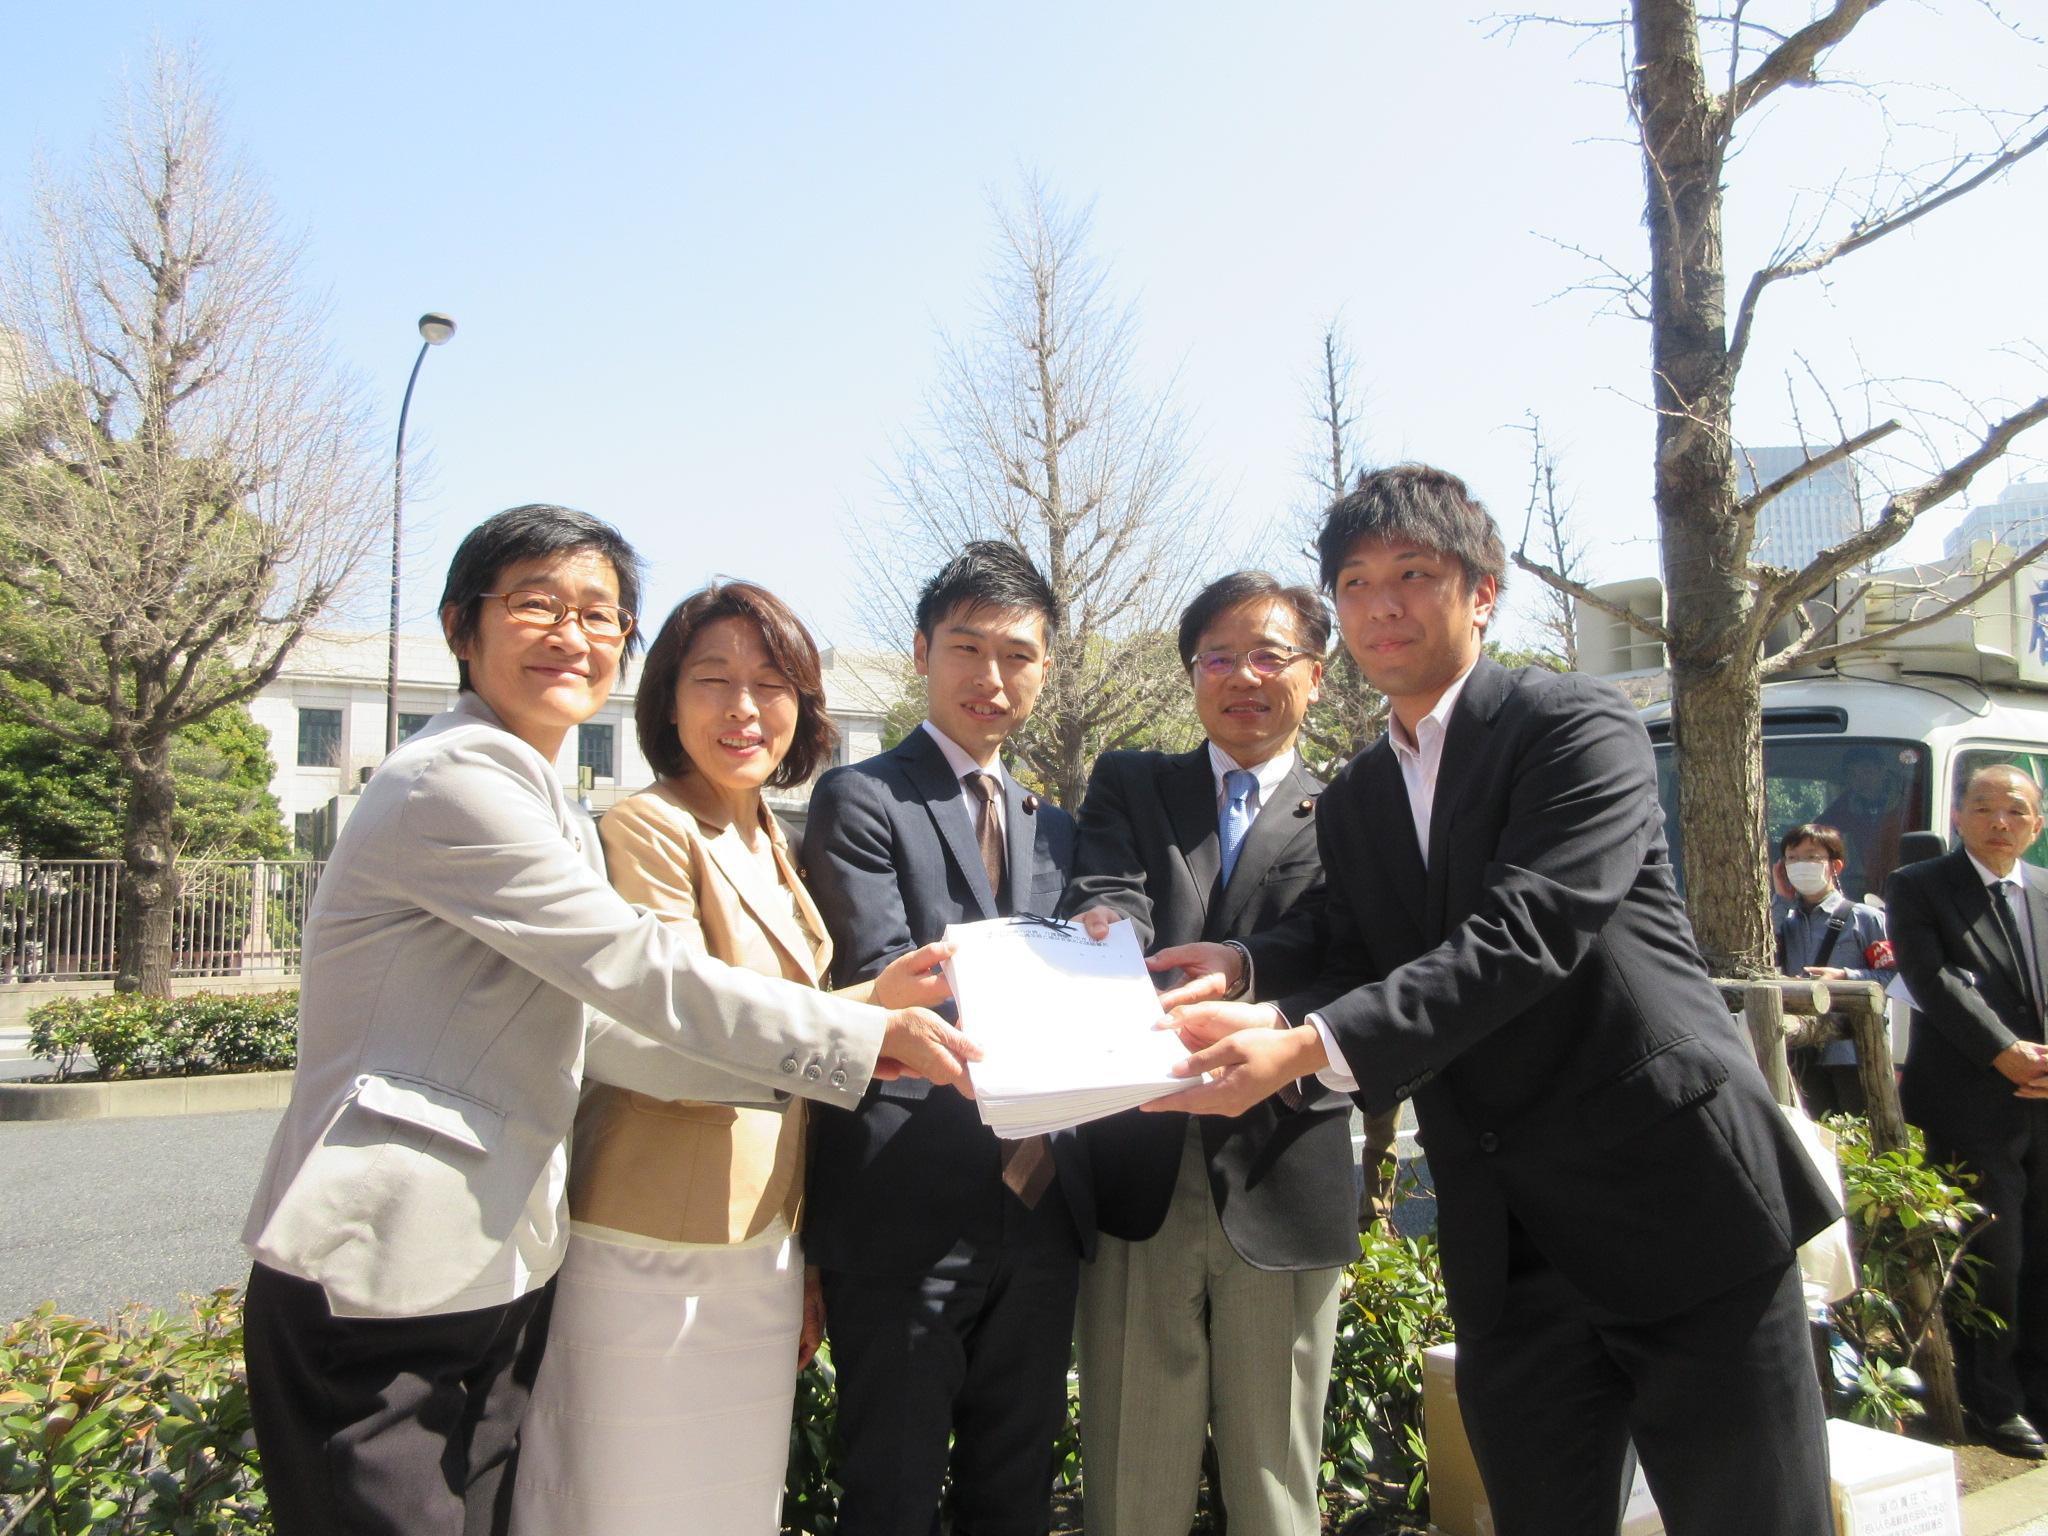 http://www.inoue-satoshi.com/diary/IMG_3815.JPG